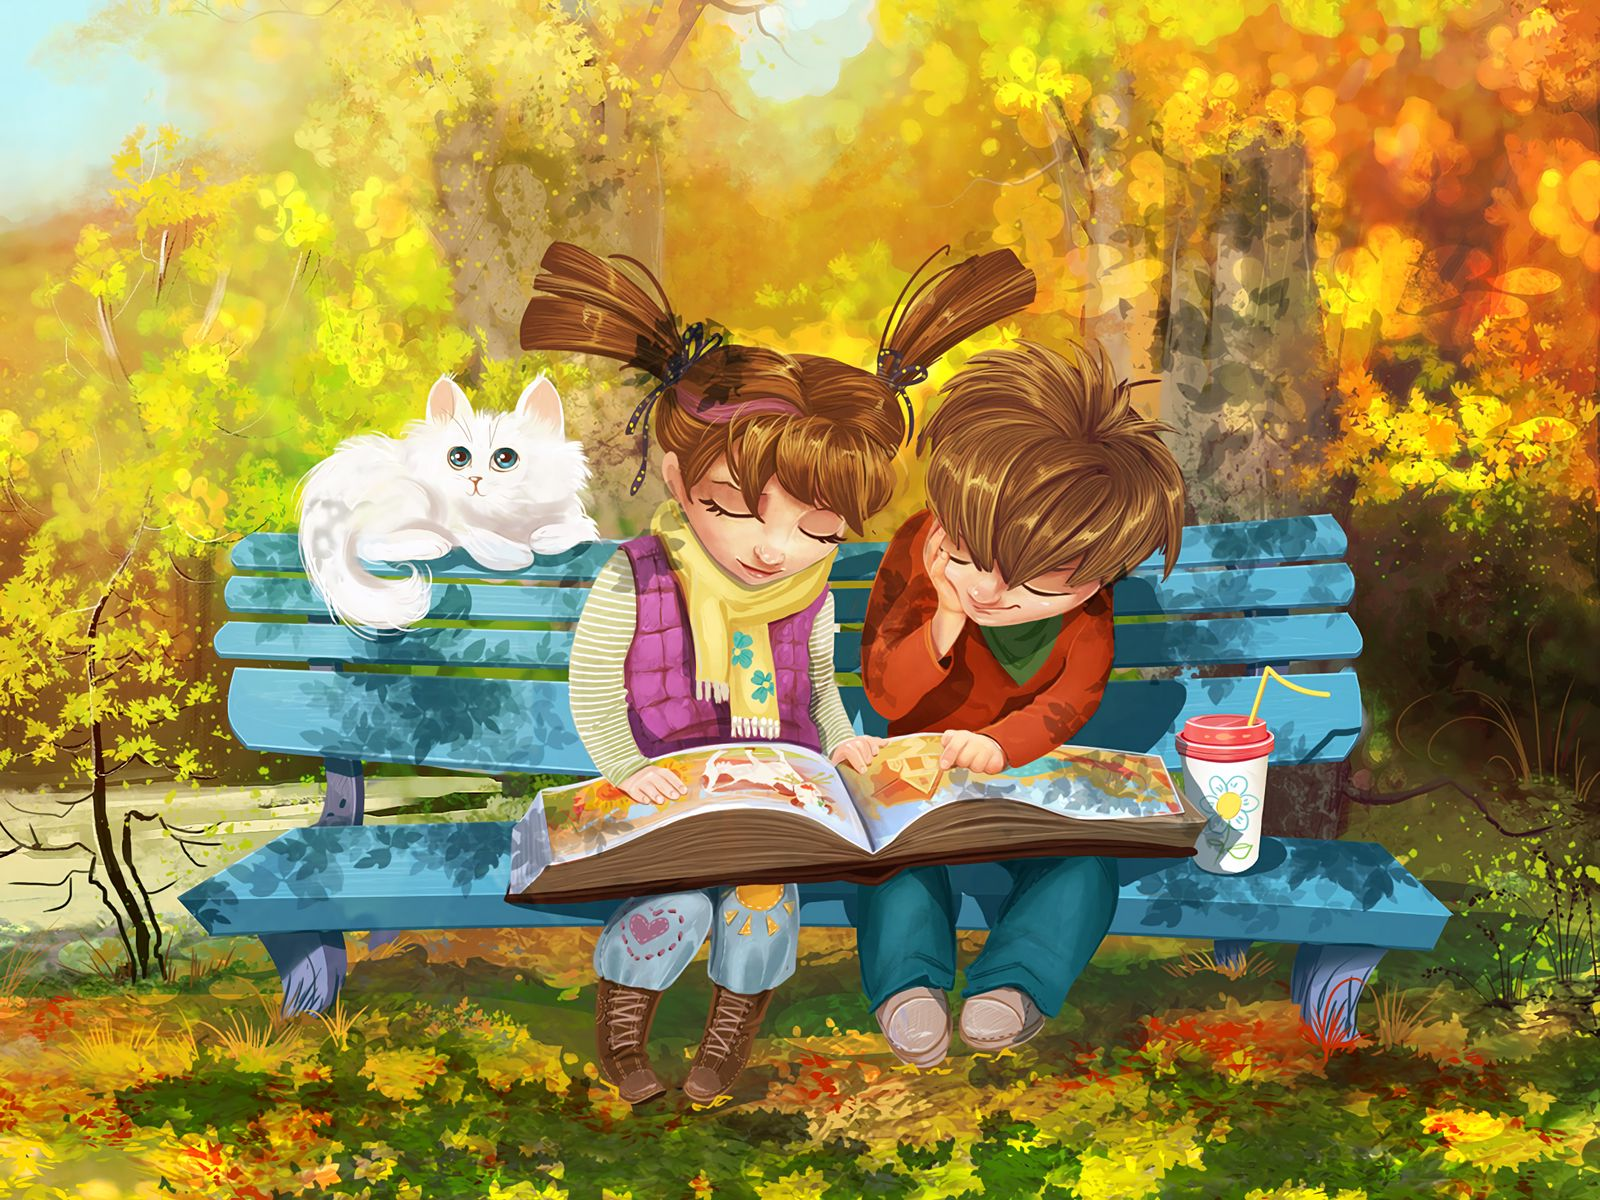 1600x1200 Wallpaper boy, girl, cat, bench, park, cute